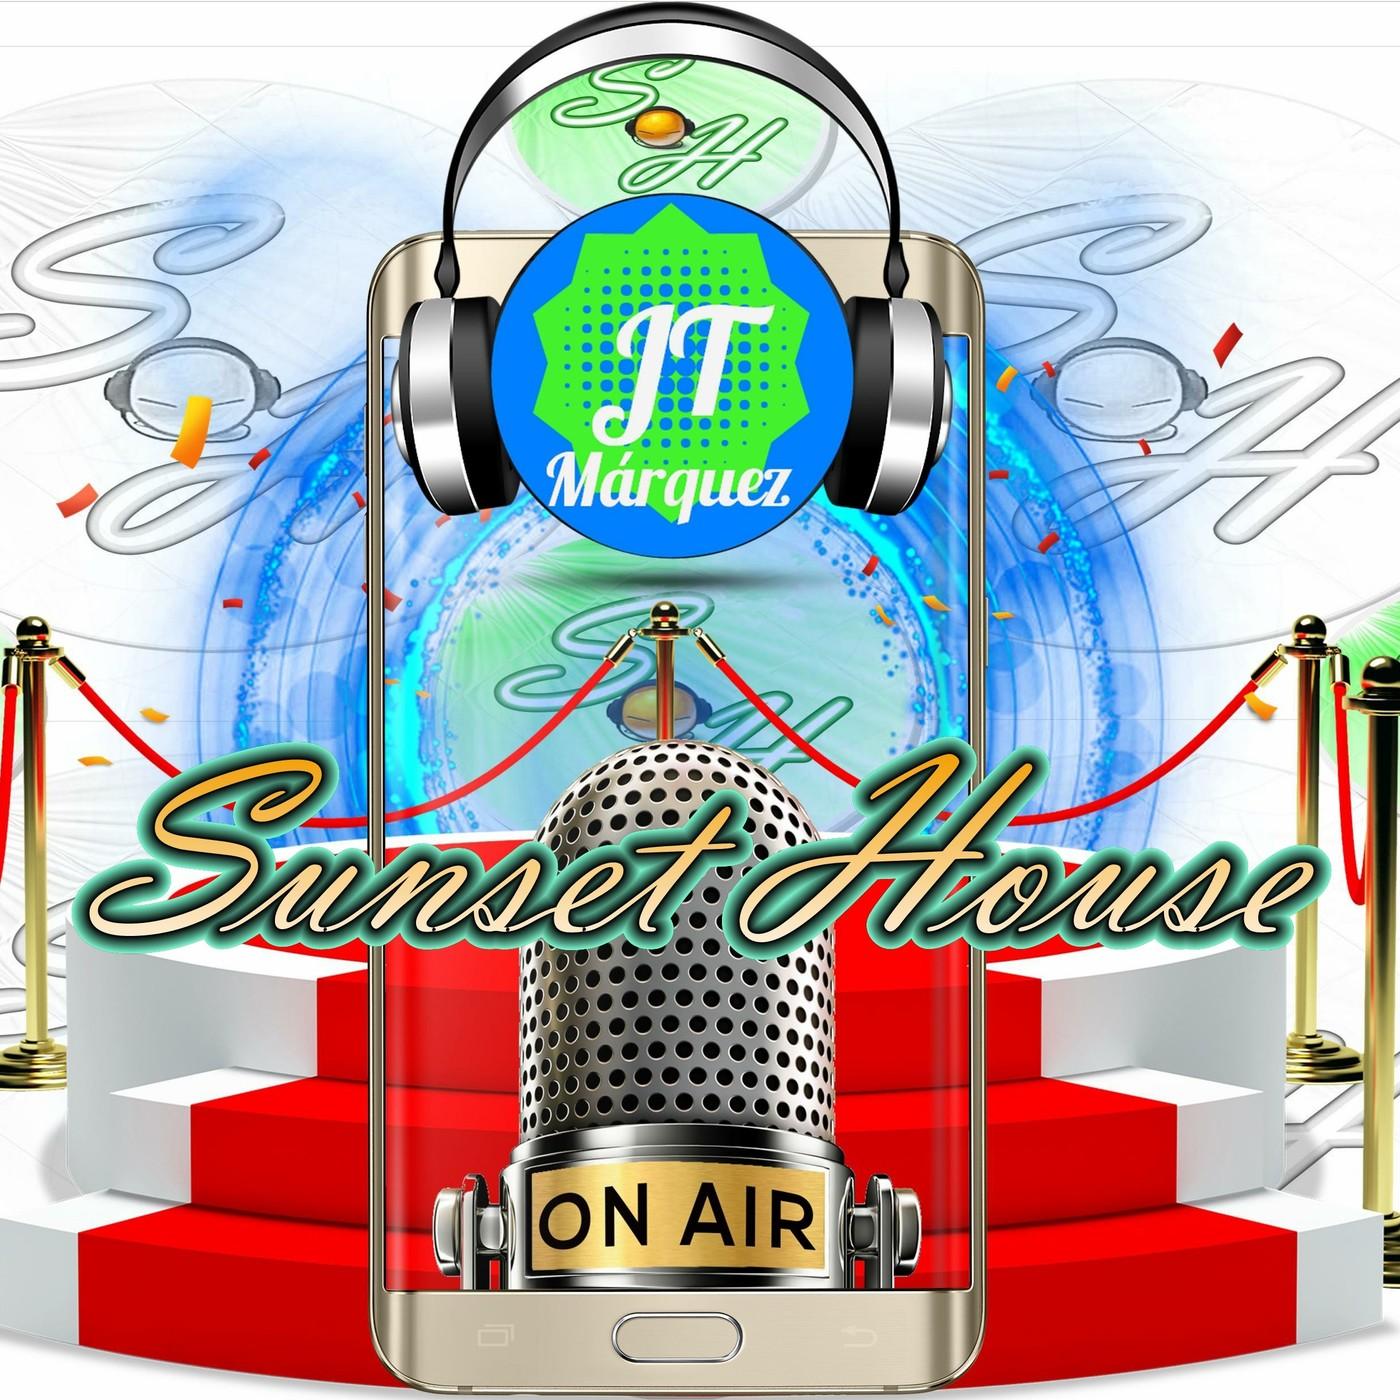 SUNSET HOUSE P6/3T - Domingo 16FEB19 - JTM Radio Funky